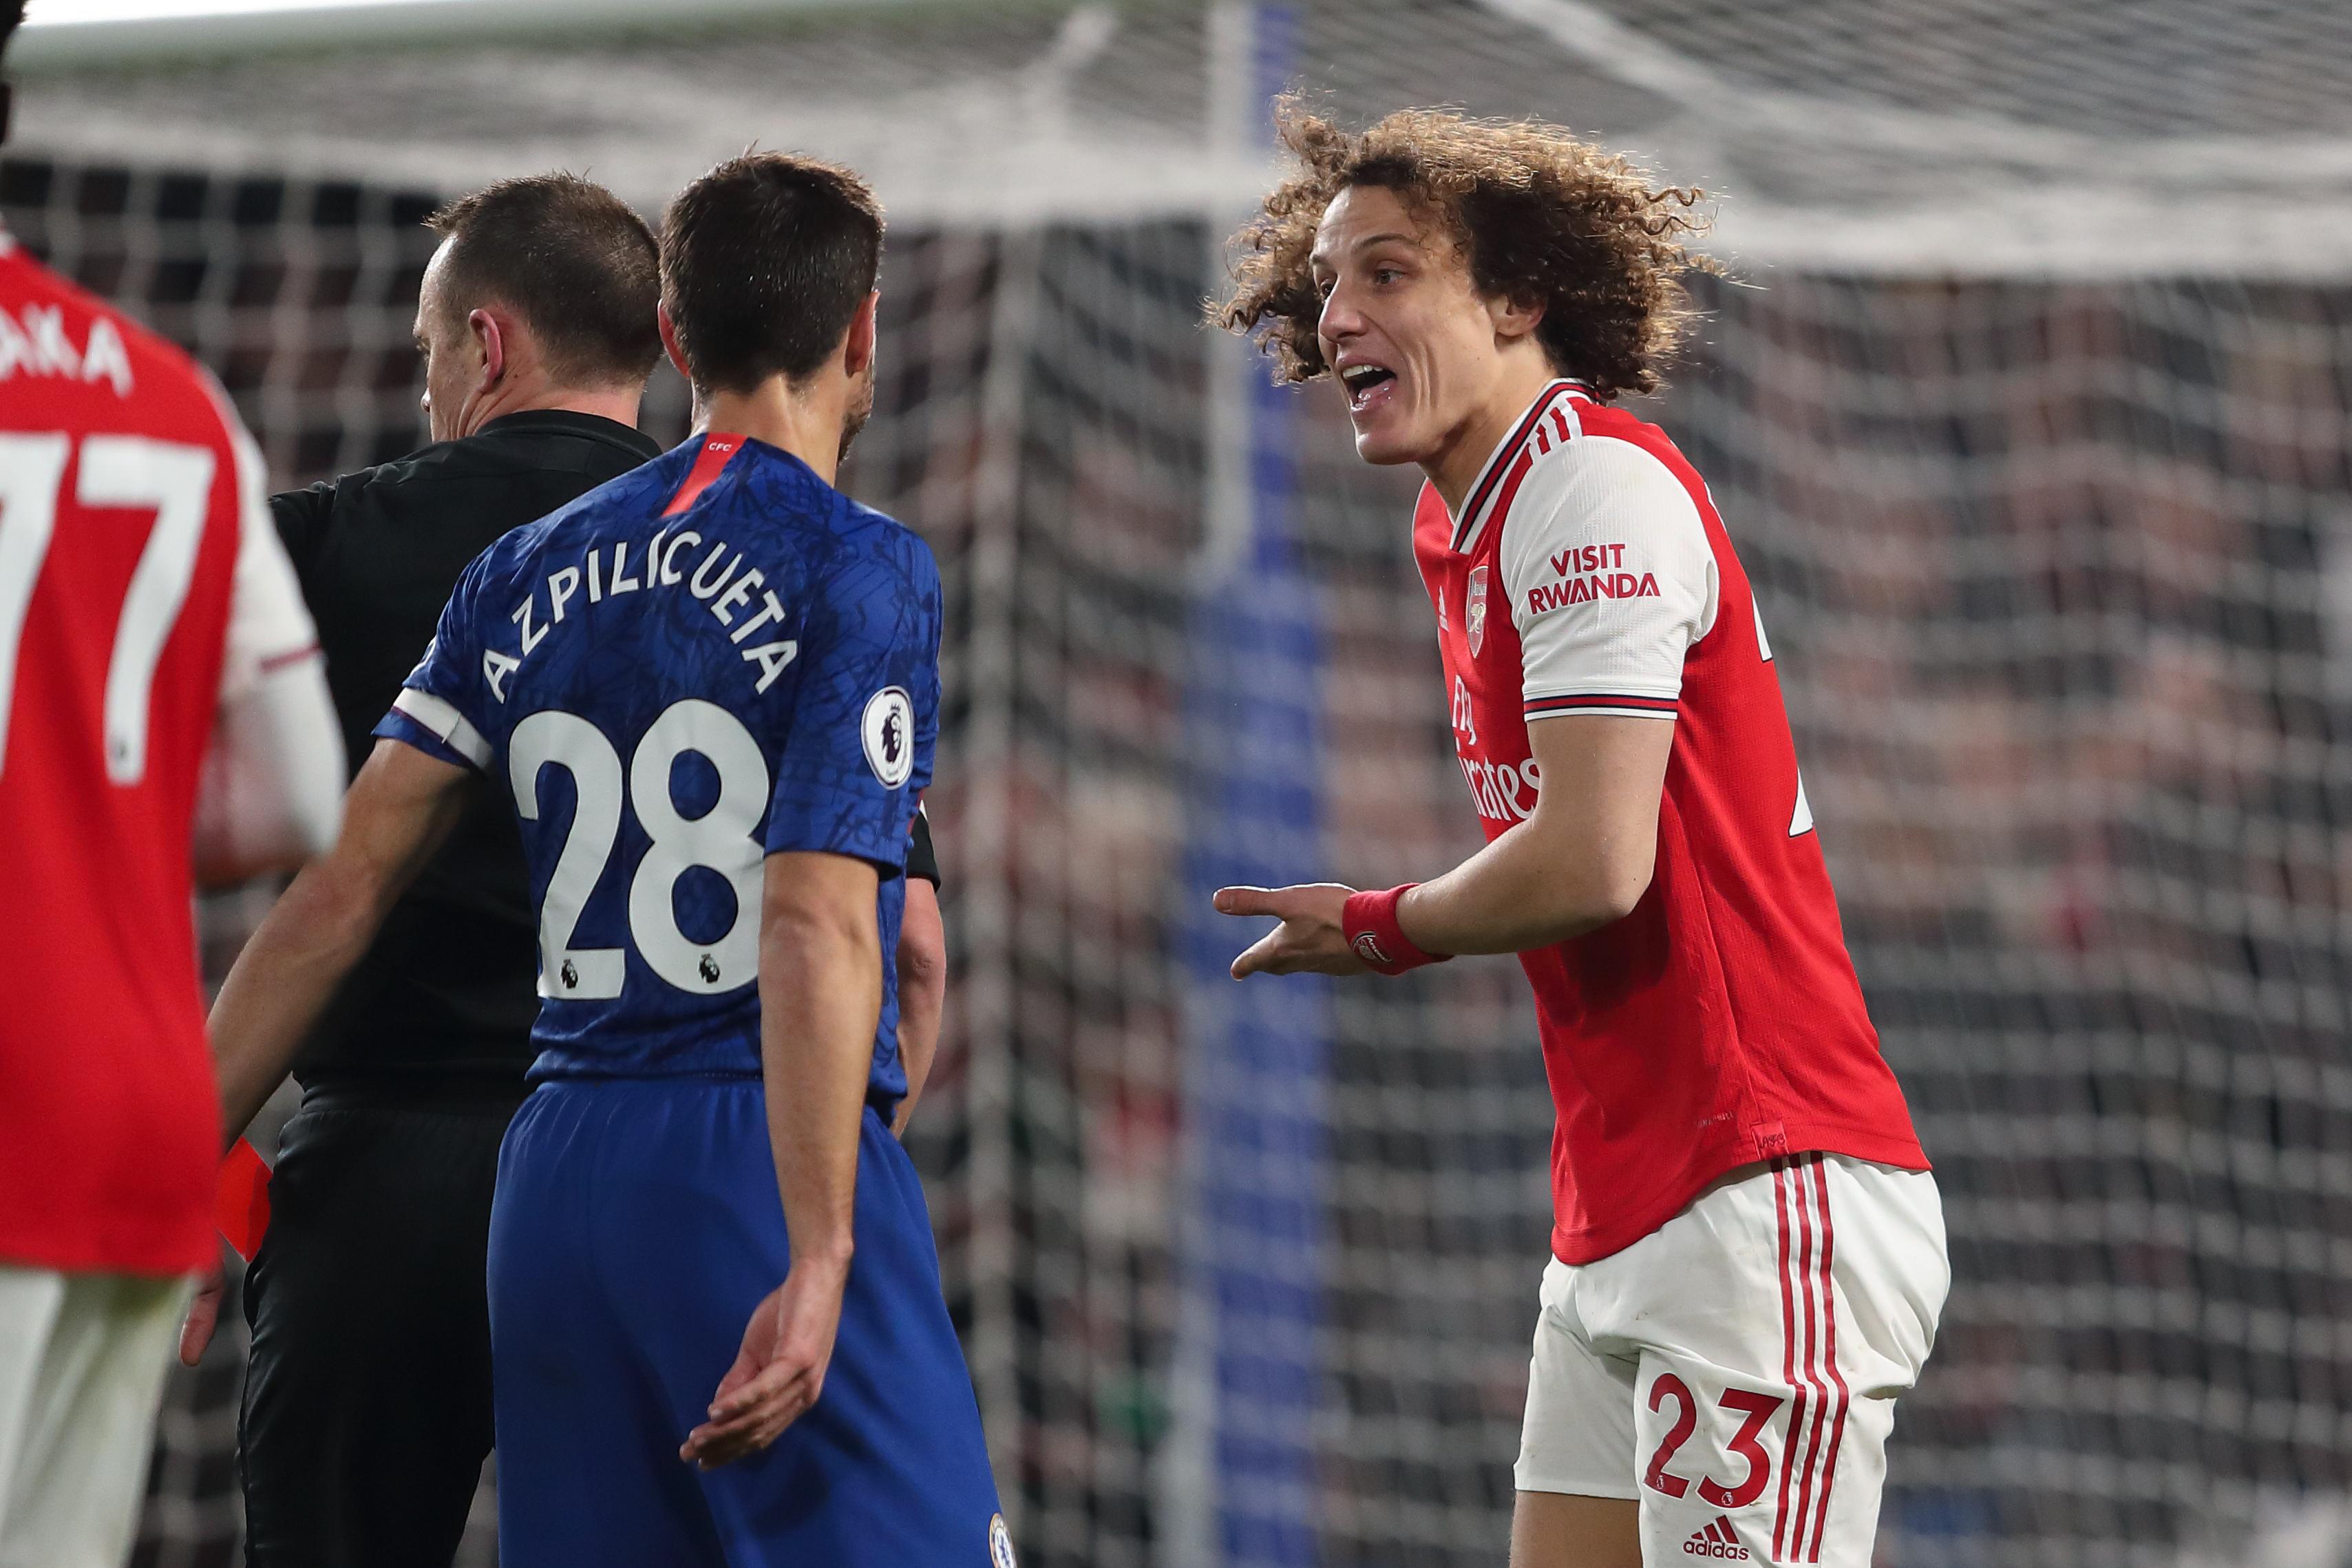 Chelsea 2-2 Arsenal, Premier League: Post-match reaction, ratings